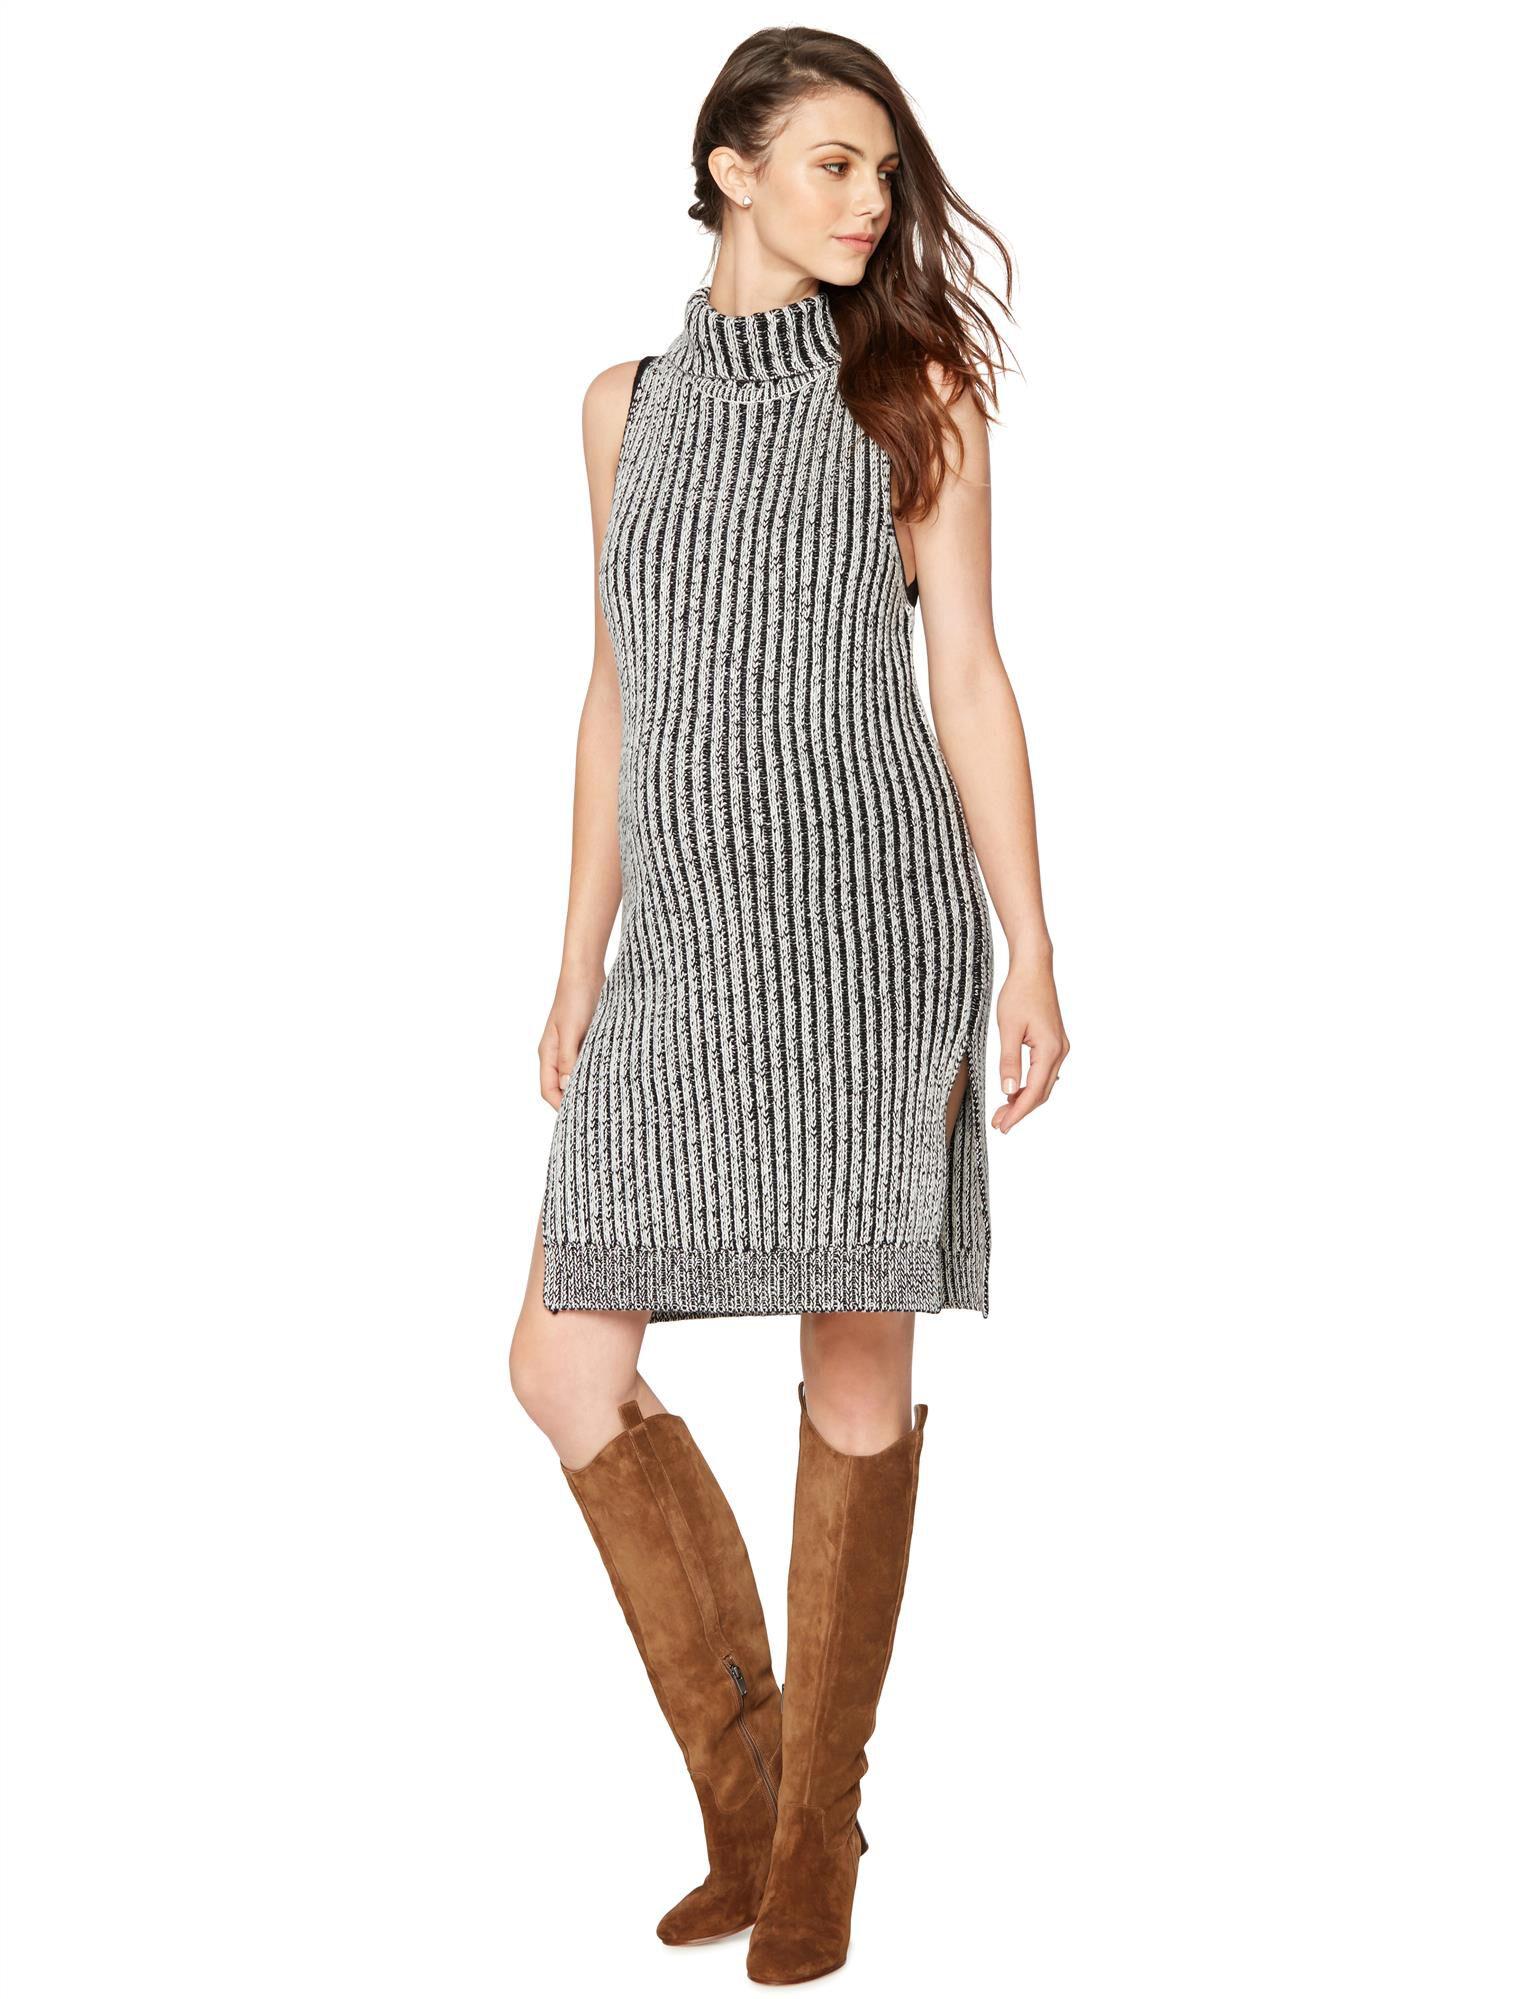 Shae Sleeveless Turtleneck Maternity Sweater Dress